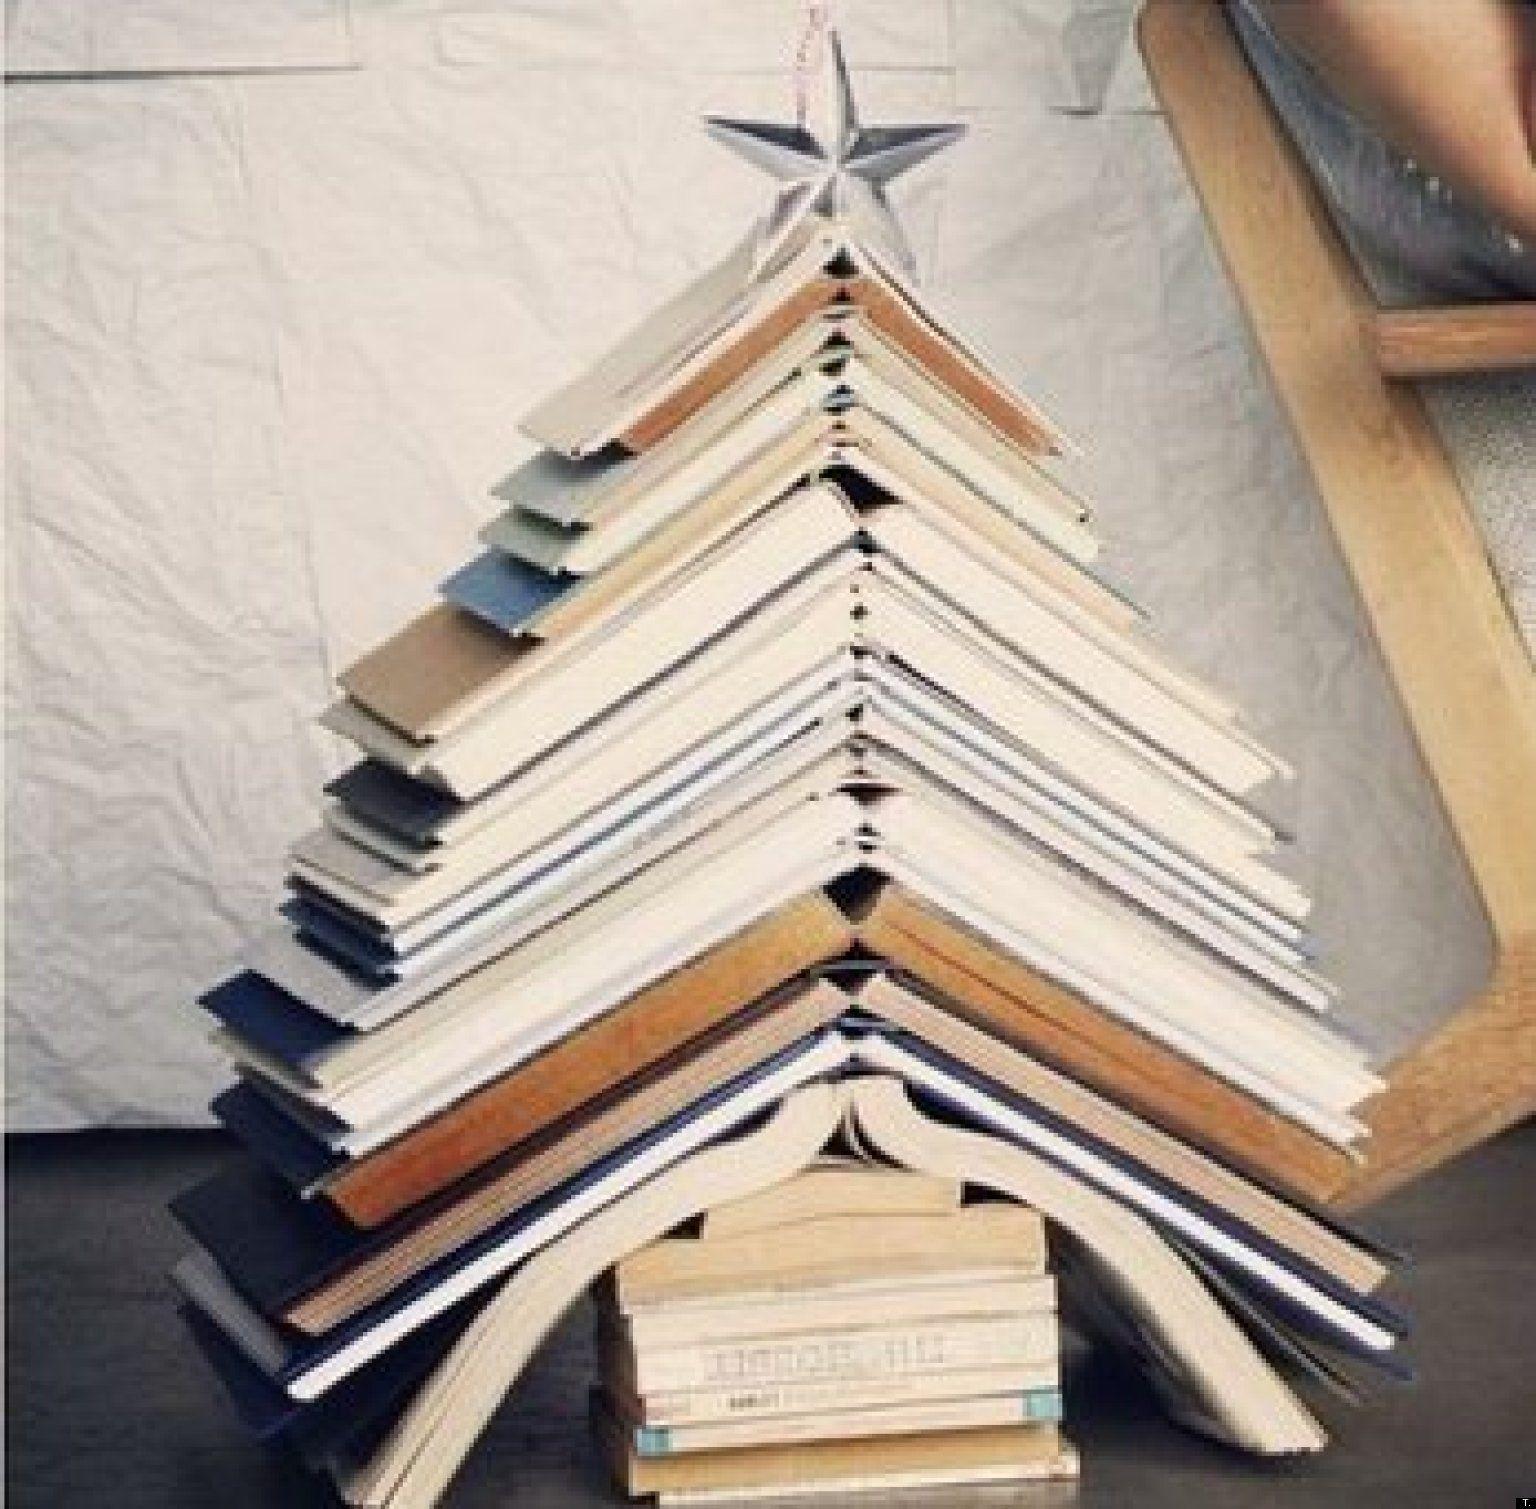 originales rboles de navidad hechos con libros httpicono